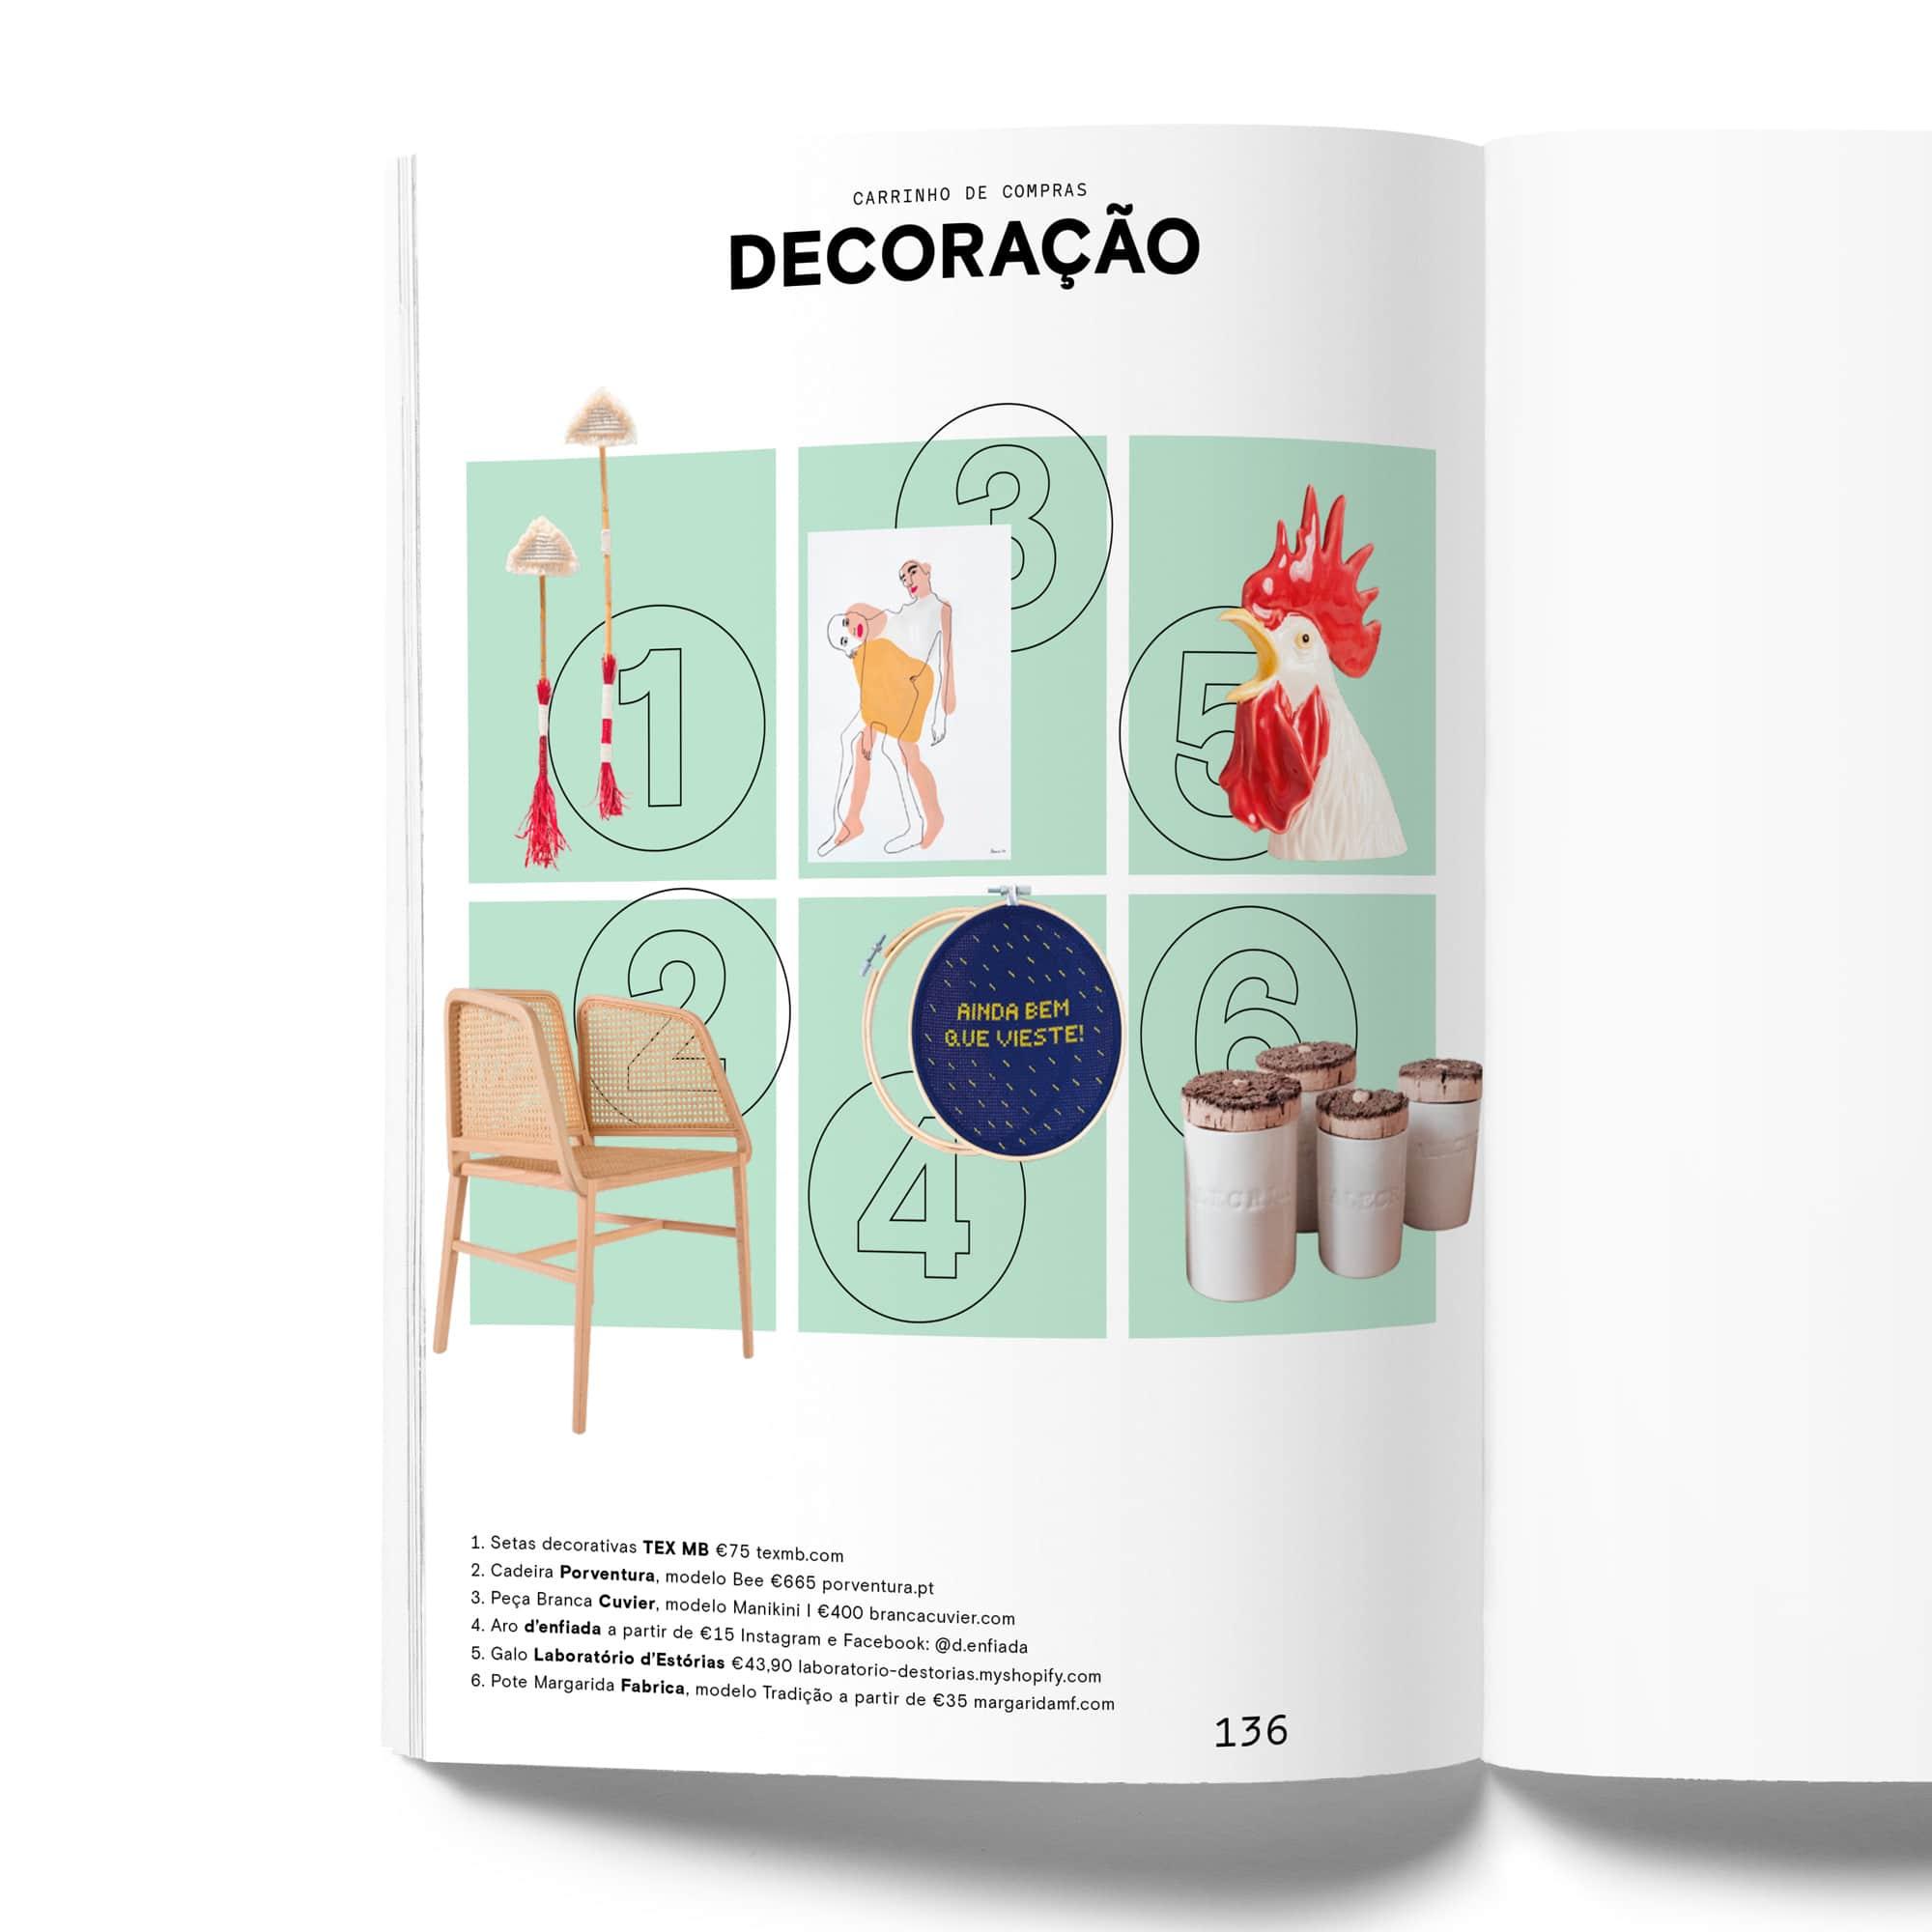 Decoracao Design